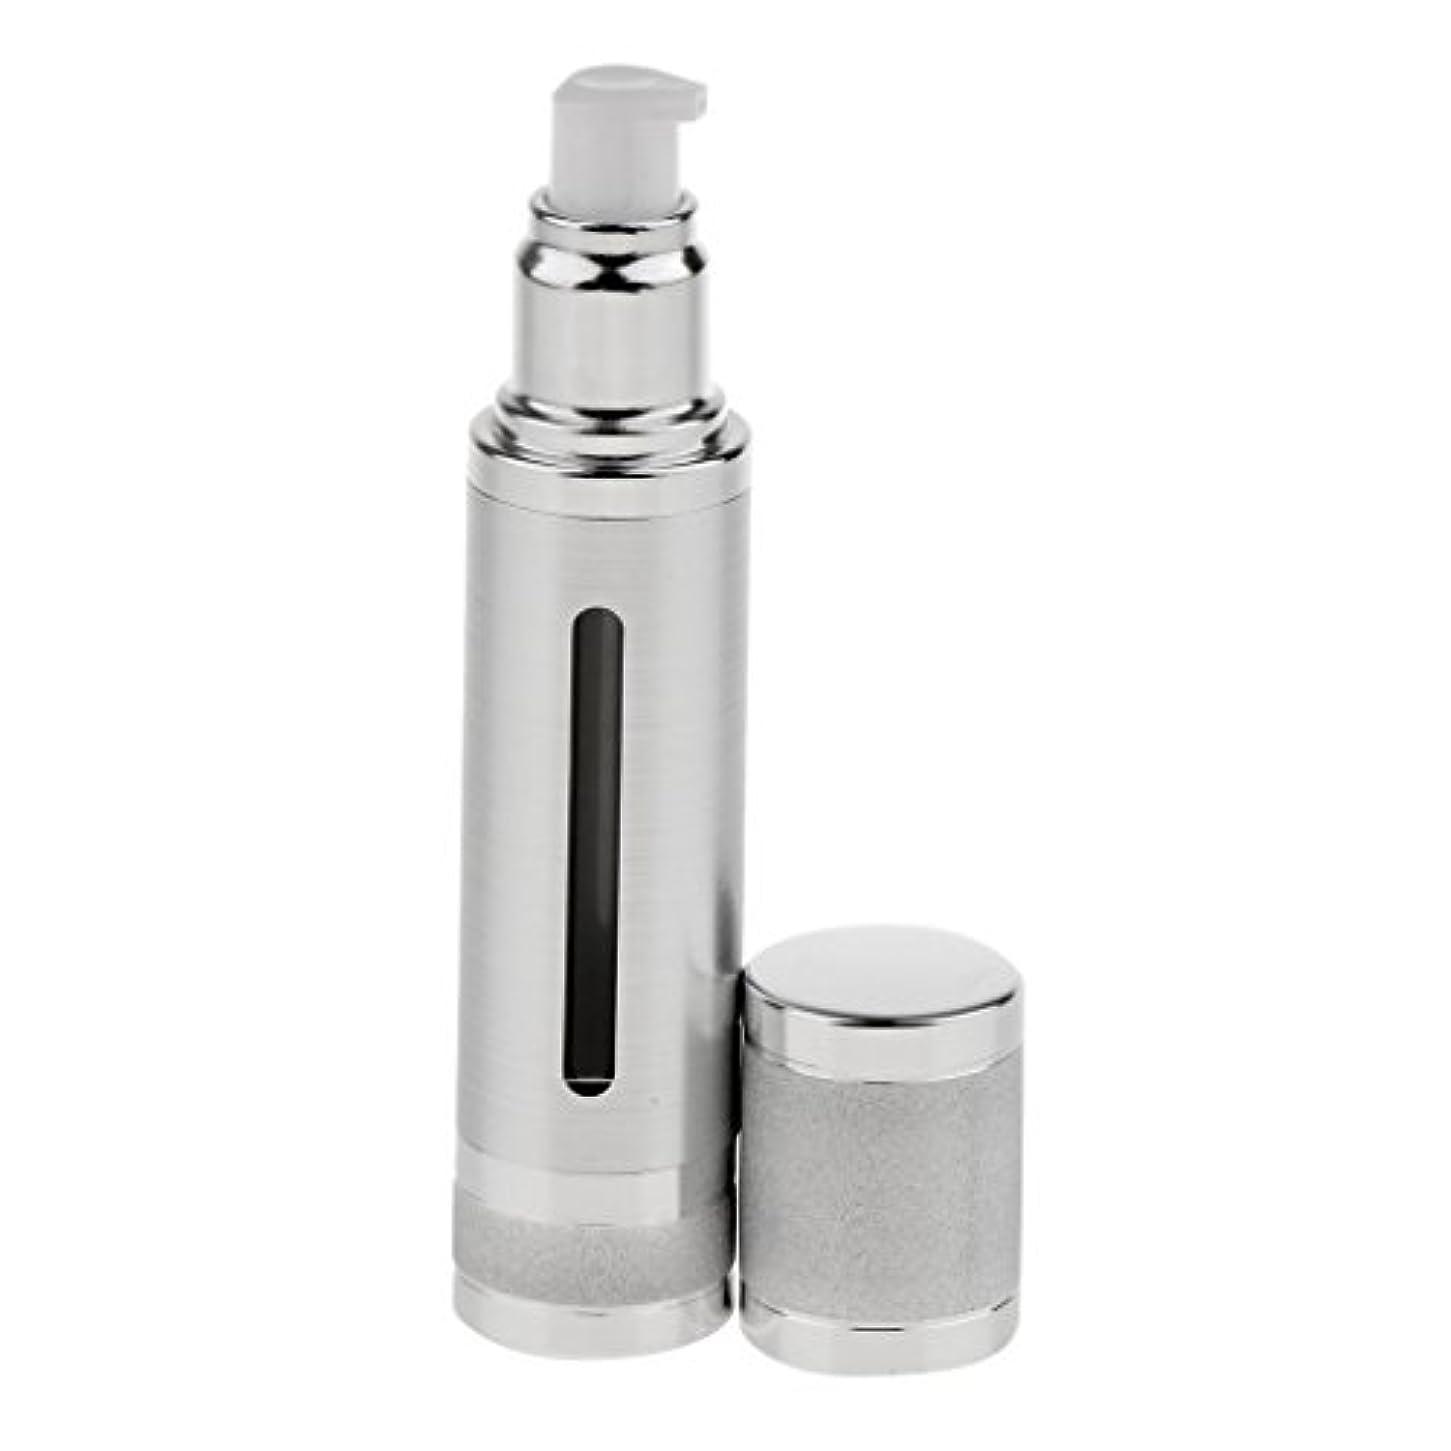 歩き回る原油大工Kesoto エアレスボトル 50ml エアレス ポンプボトル ローション クリーム 化粧品 詰め替え可 容器 2色選べる - 銀